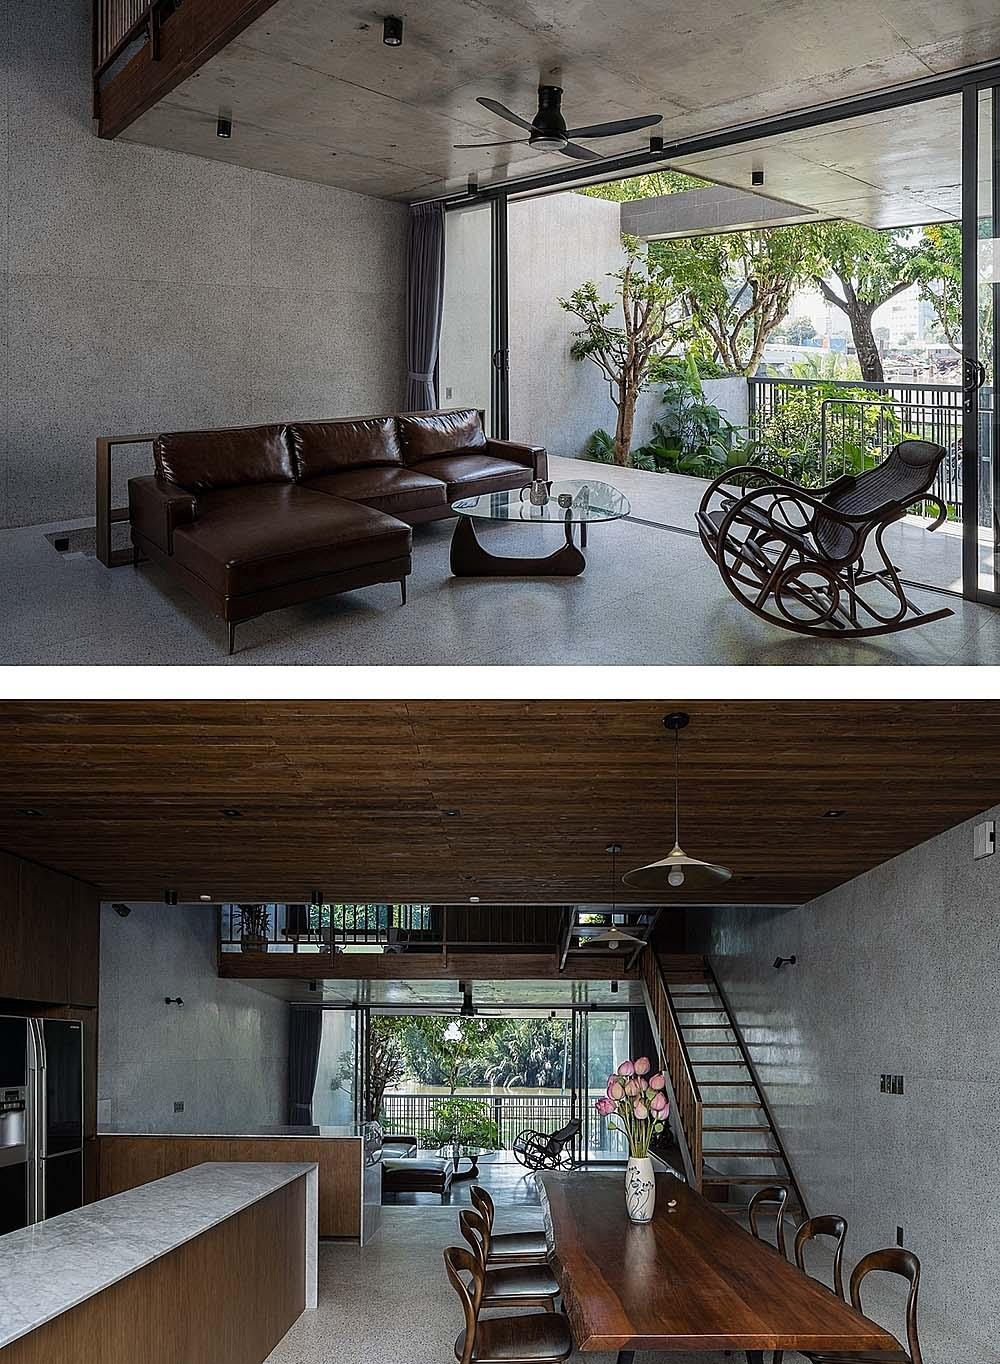 Không gian tầng trệt với phòng khách và bếp - phòng ăn liên thông. Ảnh: Quang Trần.